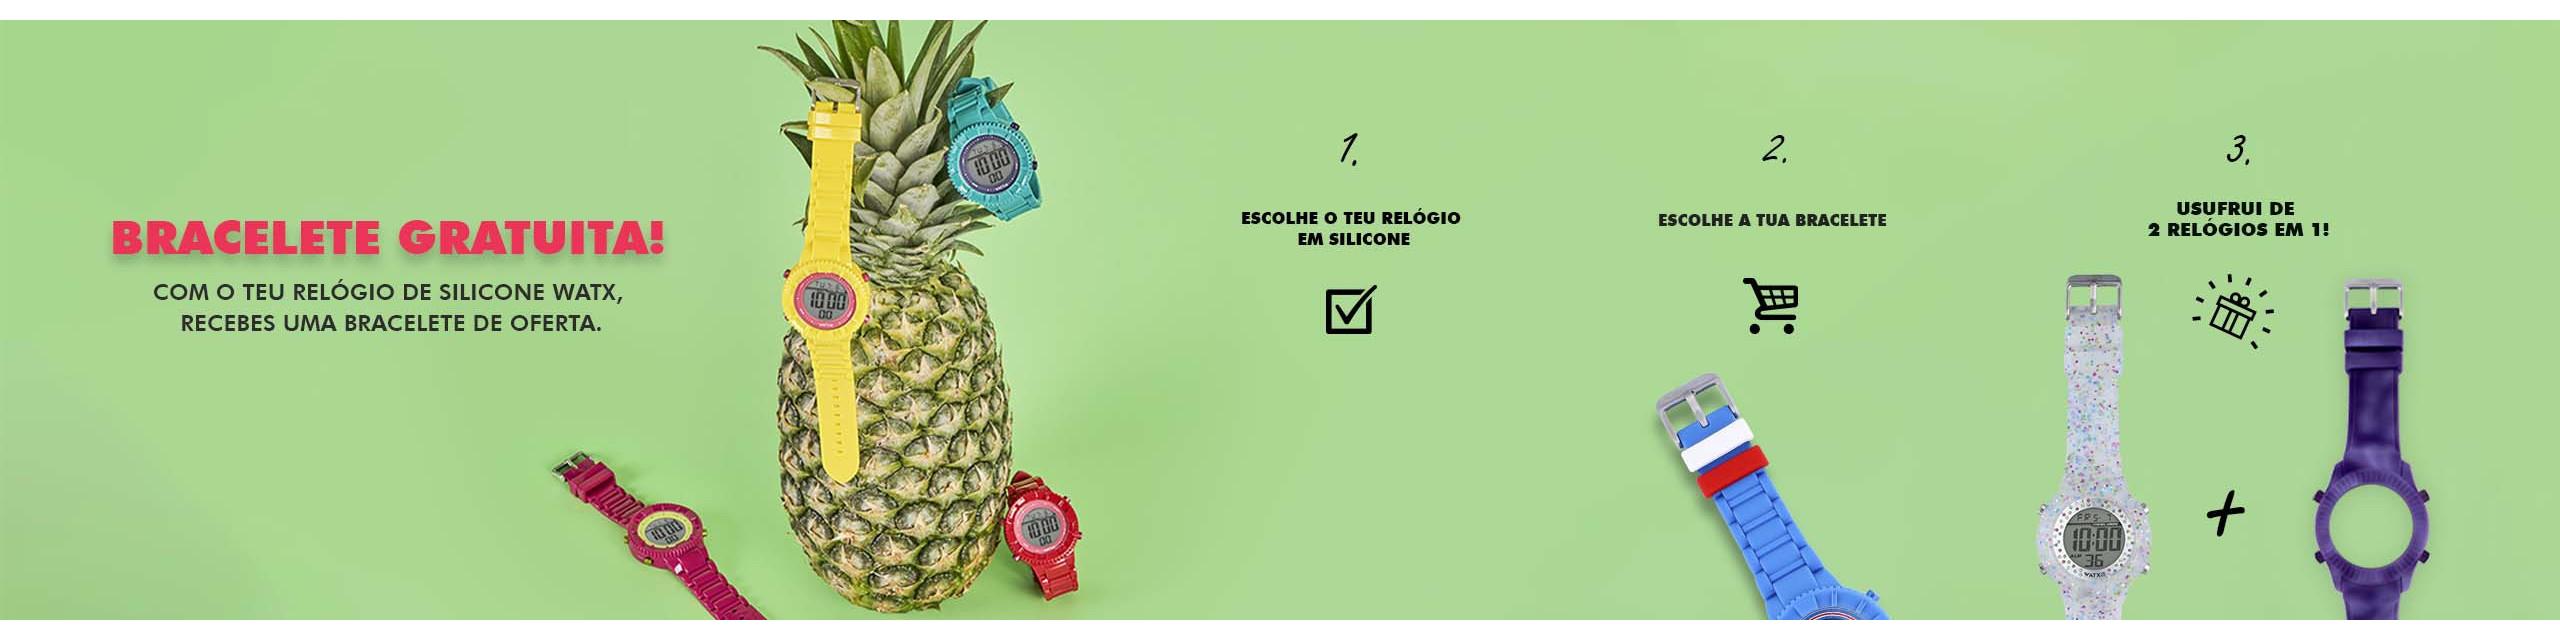 Combina as nossas braceletes de relógio de acordo com a ocasião - Watx Portugal